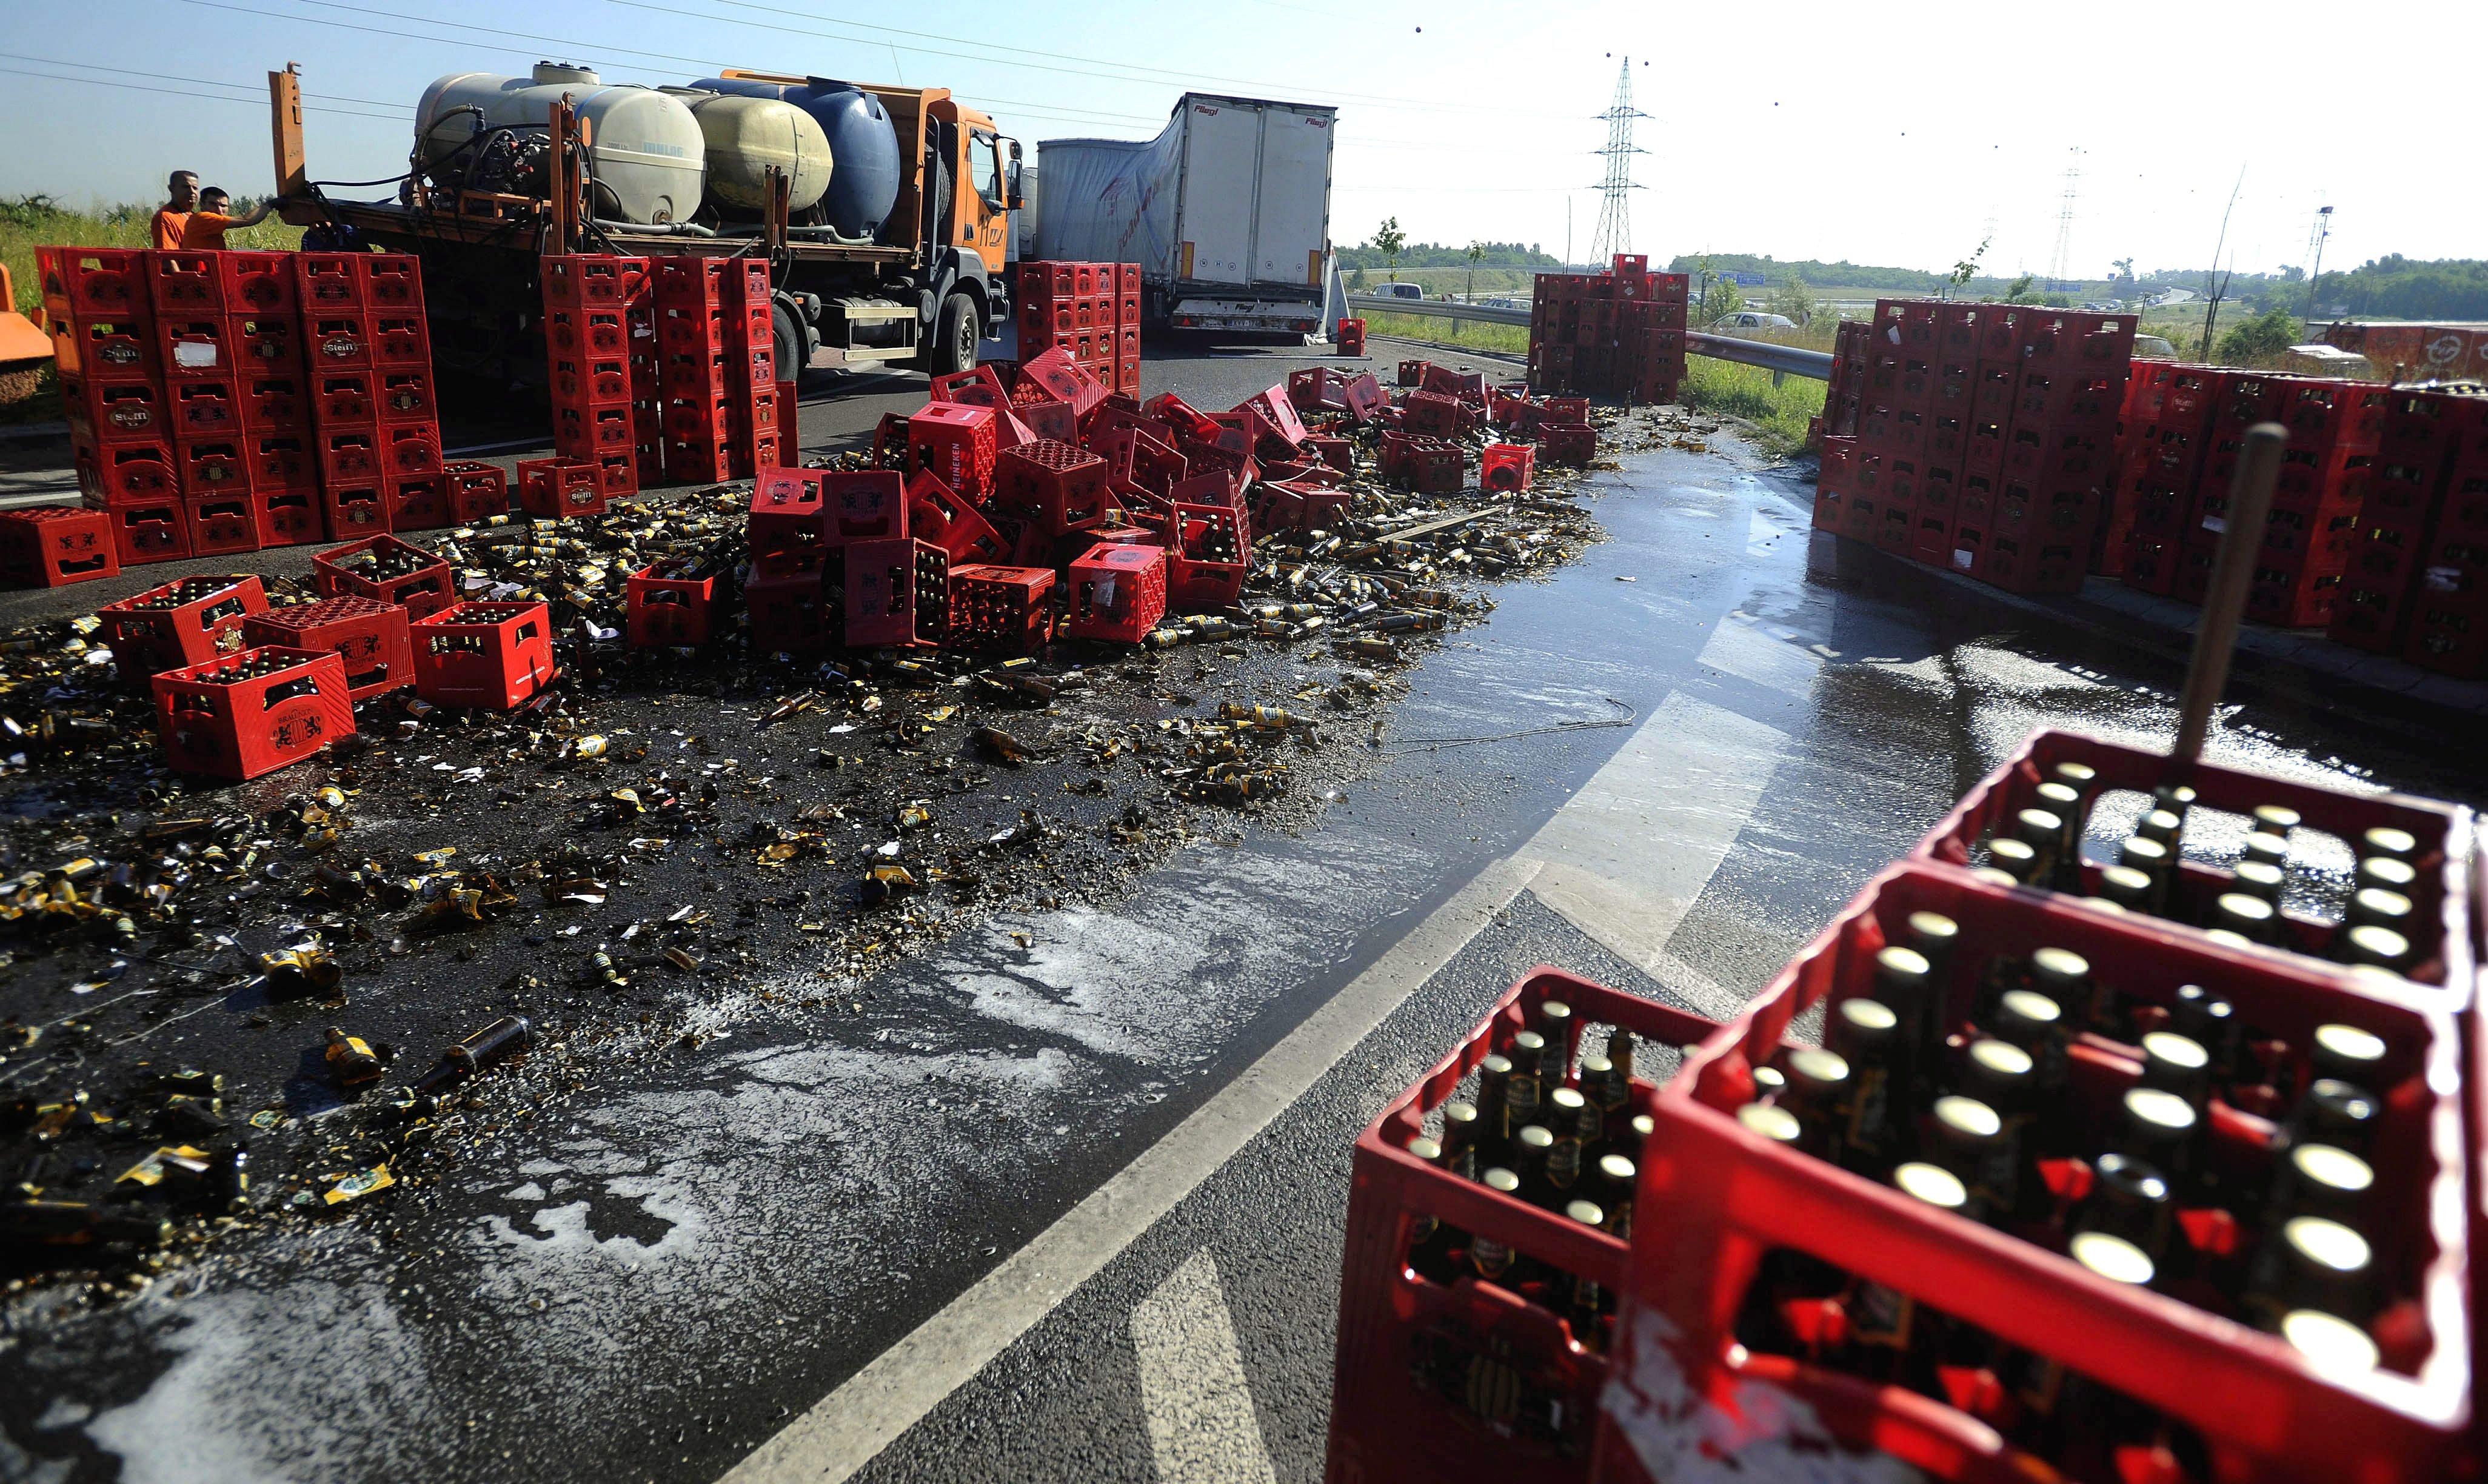 A román táblabíróság betiltotta az Igazi Csíki Sör gyártását, és újra a Heinekennek kedvezett